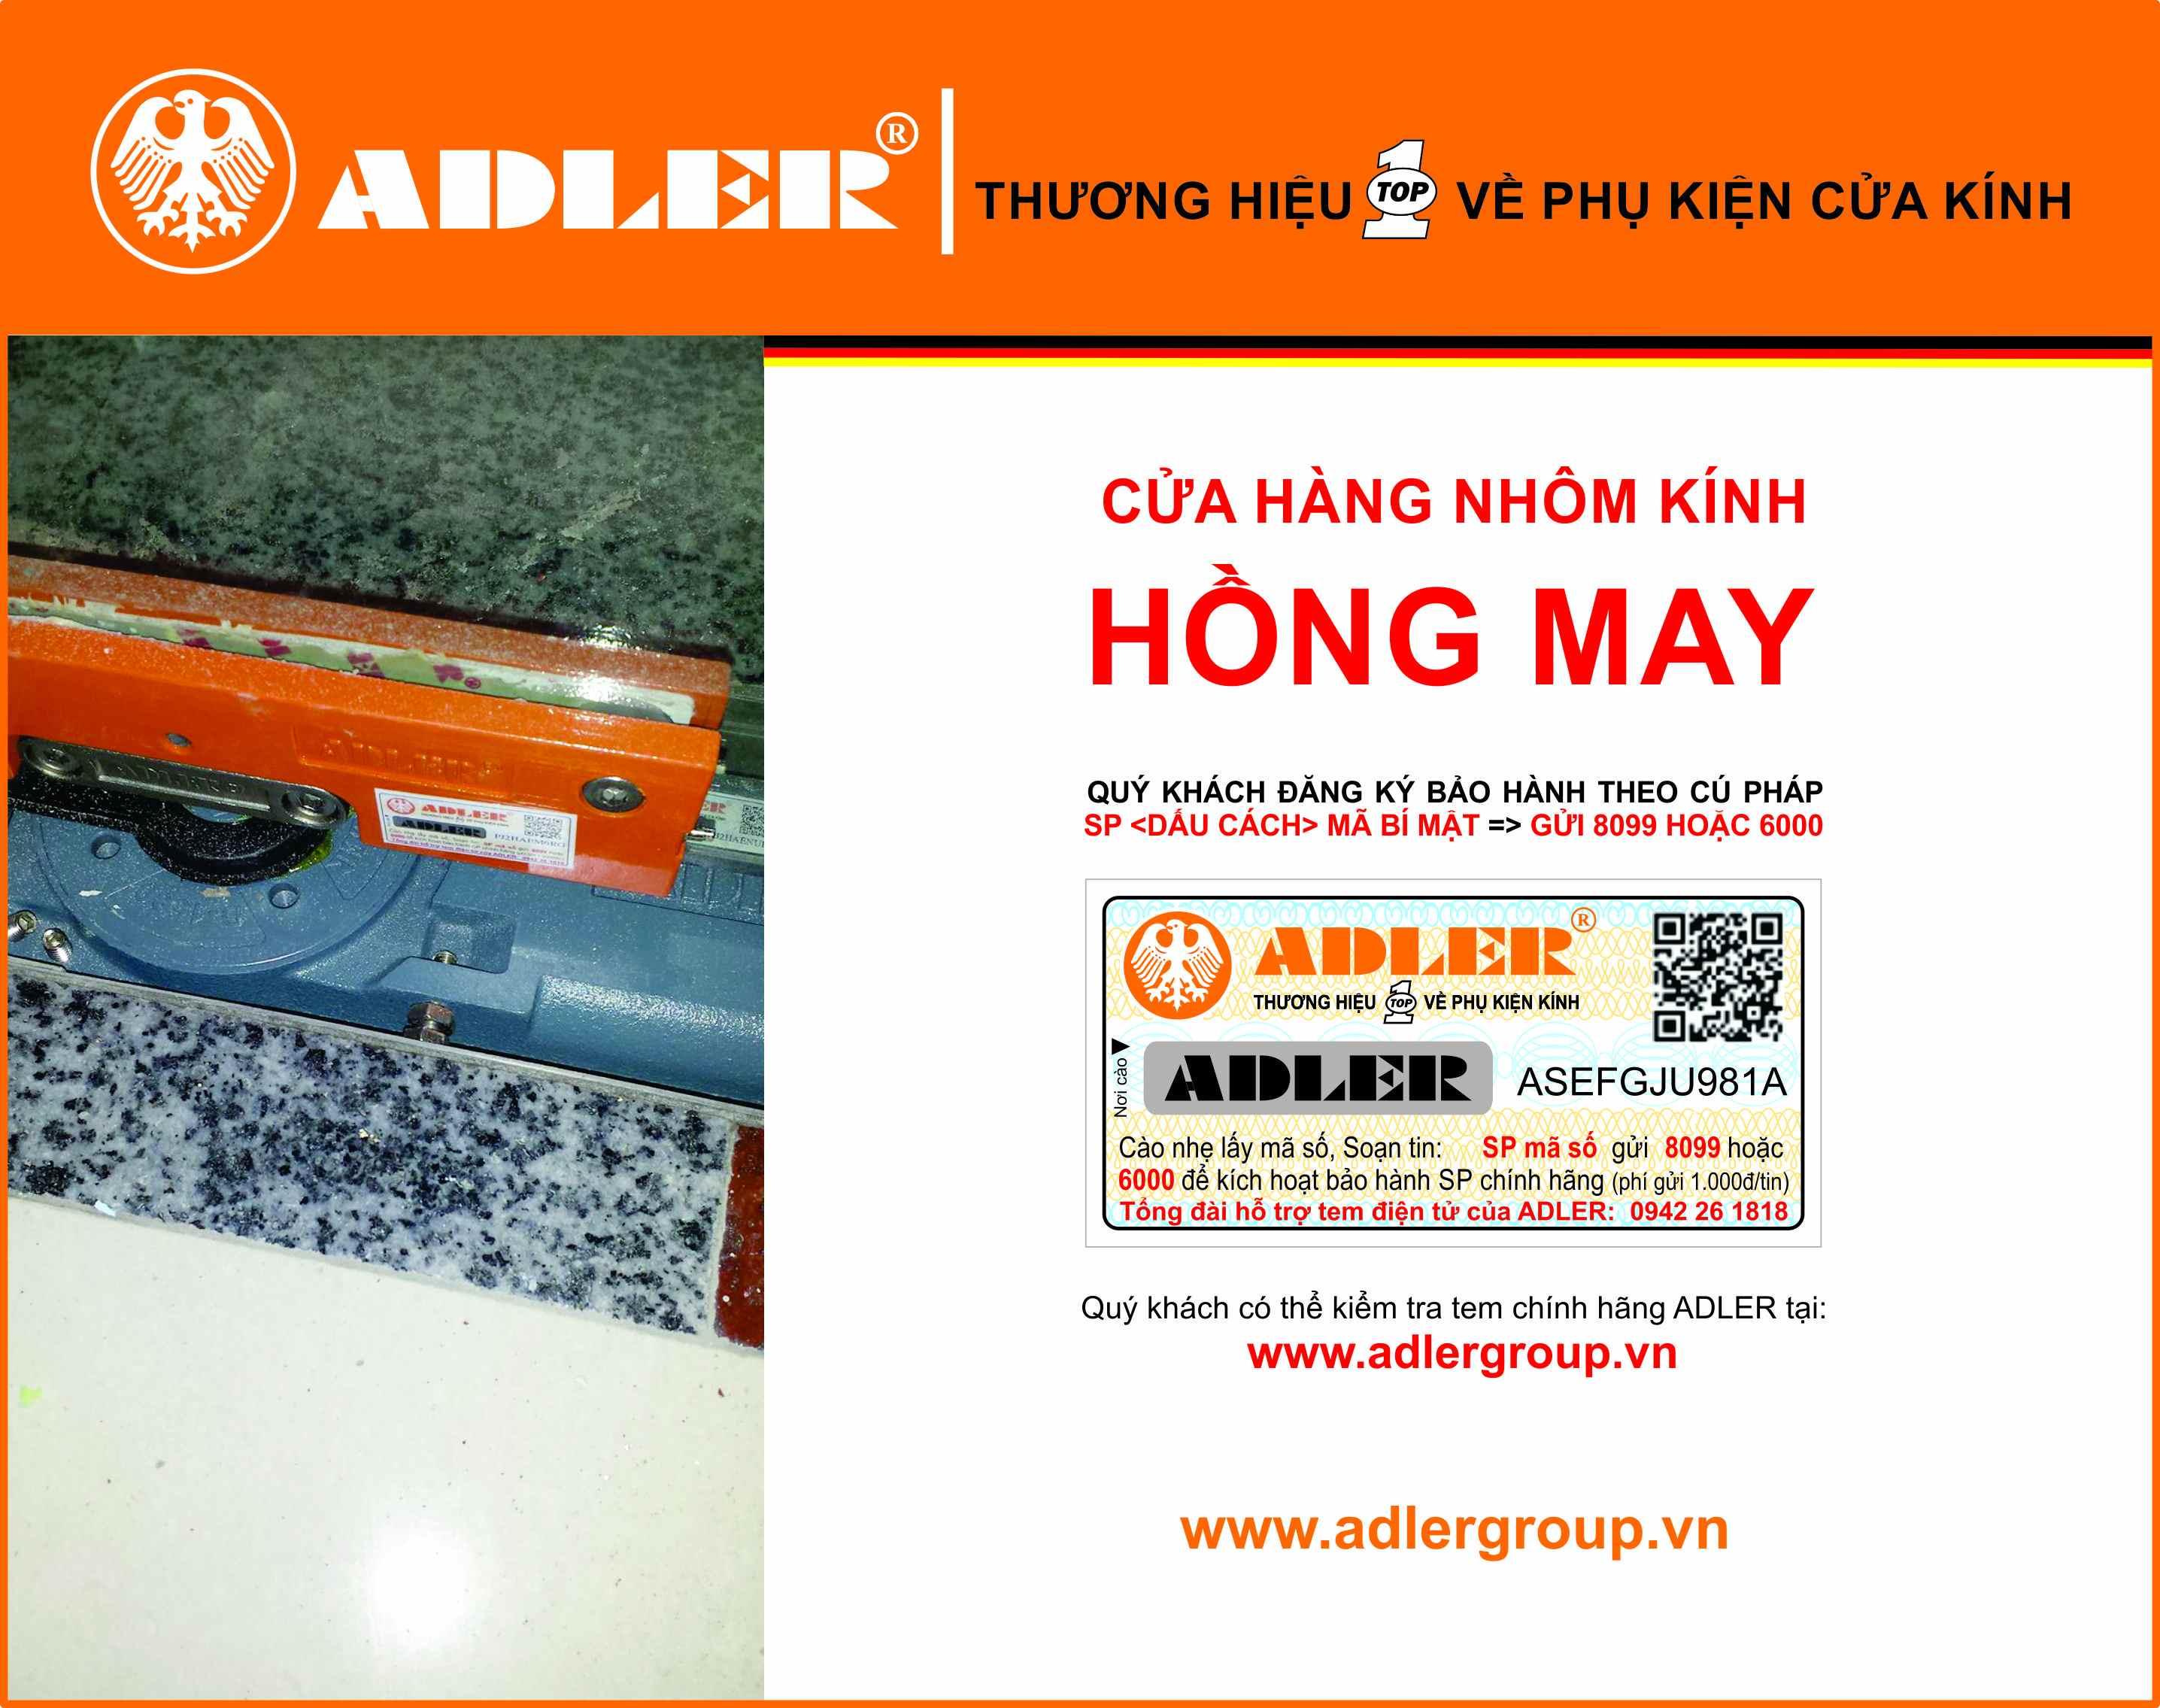 Cận cảnh sản phẩm Bản lề sàn Adler được đánh giá chất lượng nhất